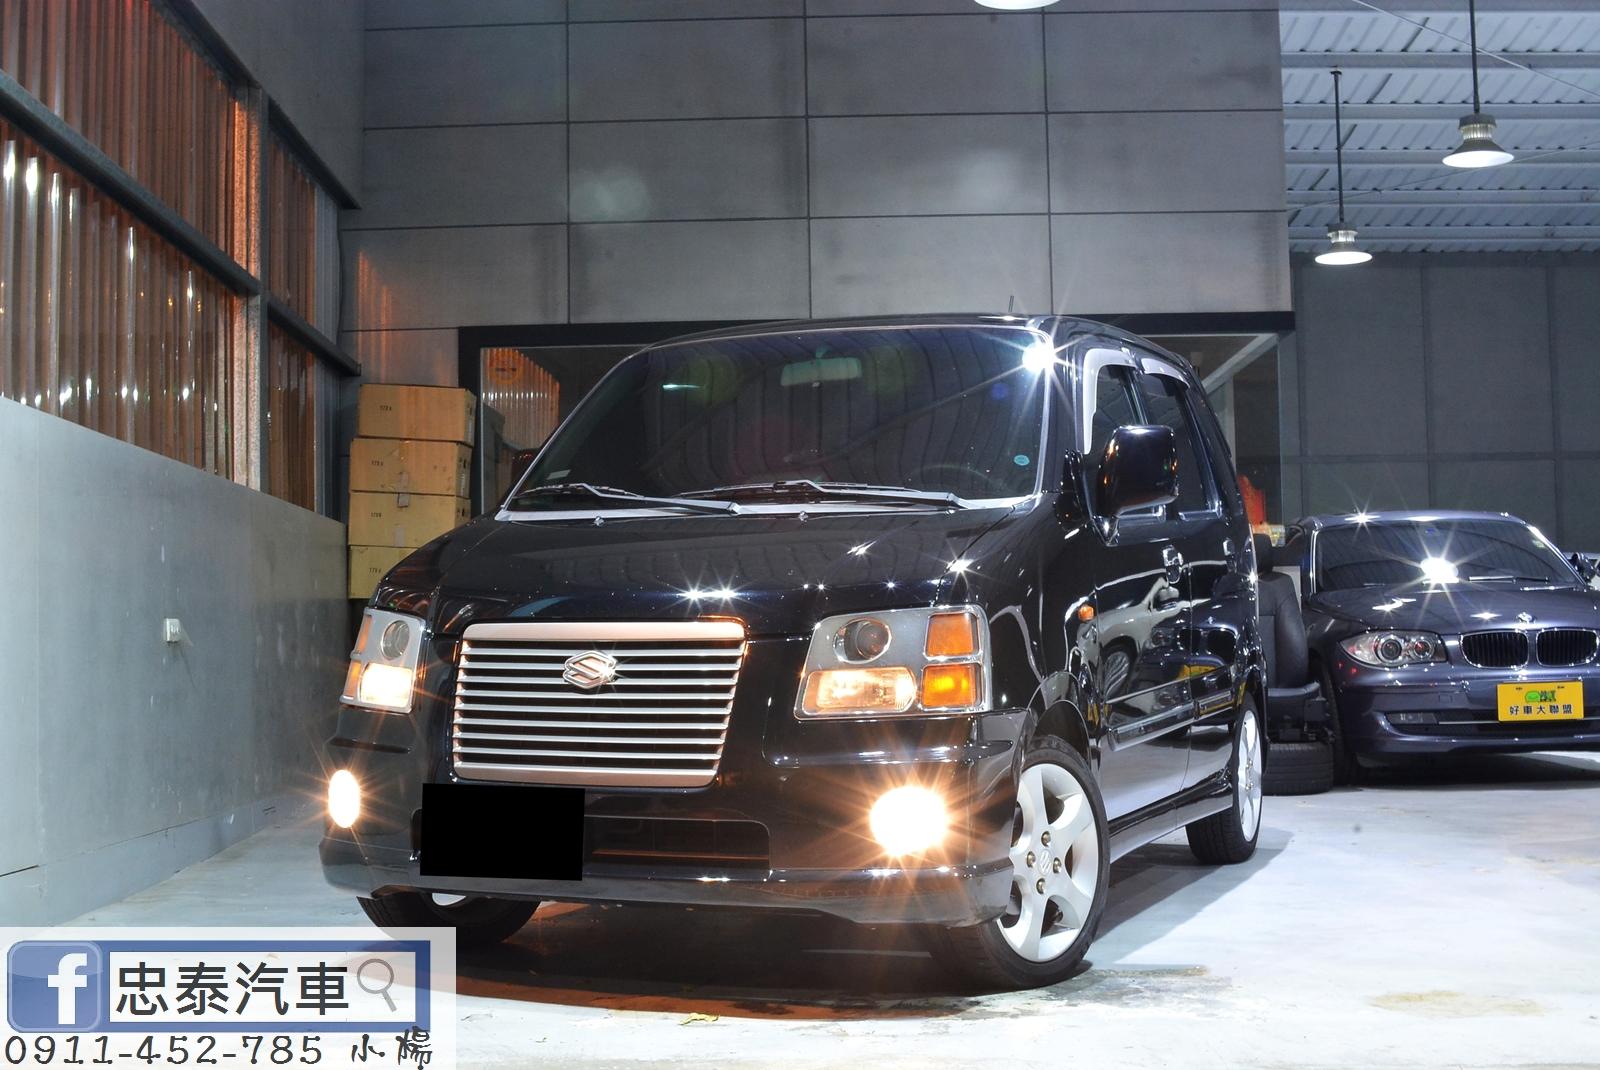 2004 Suzuki 鈴木 Solio